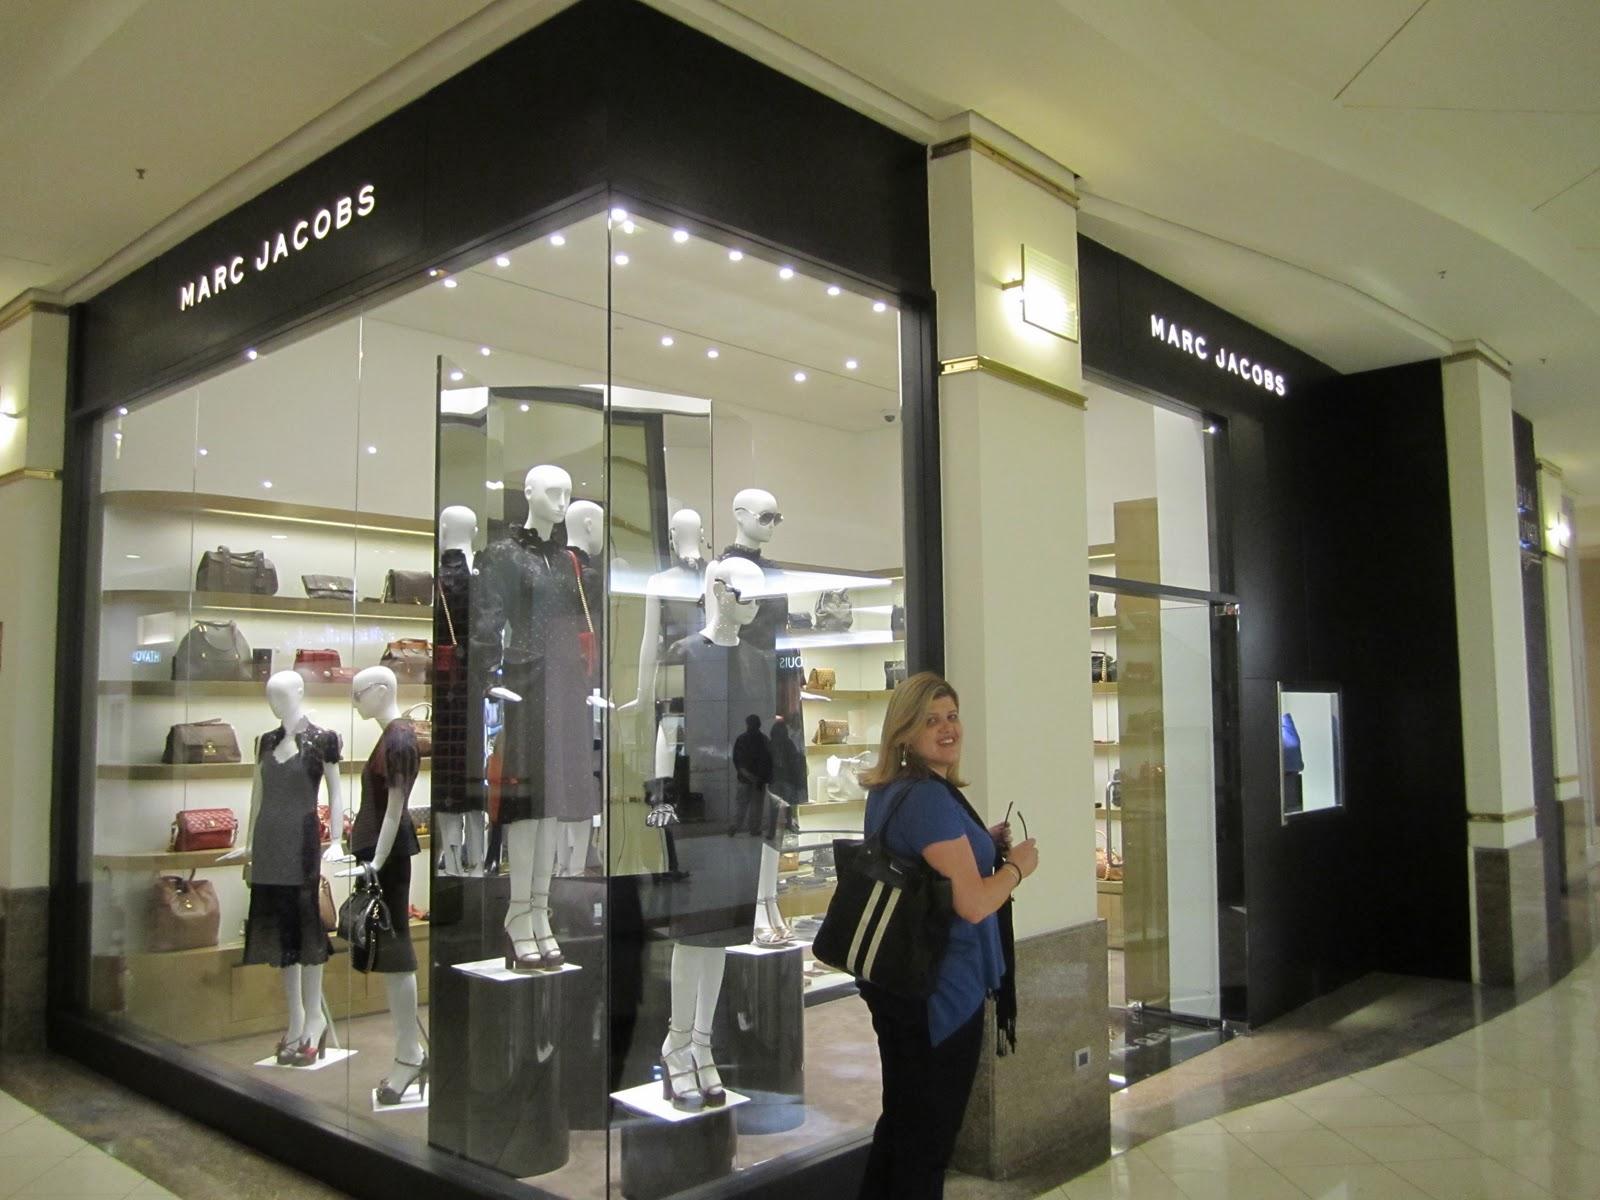 Em tempo  Marc Jacobs, o estilista, não veio para a inauguração, como fez  em 2009. Mas uma visita sua é esperada para o primeiro semestre de 2012. 760865d22d